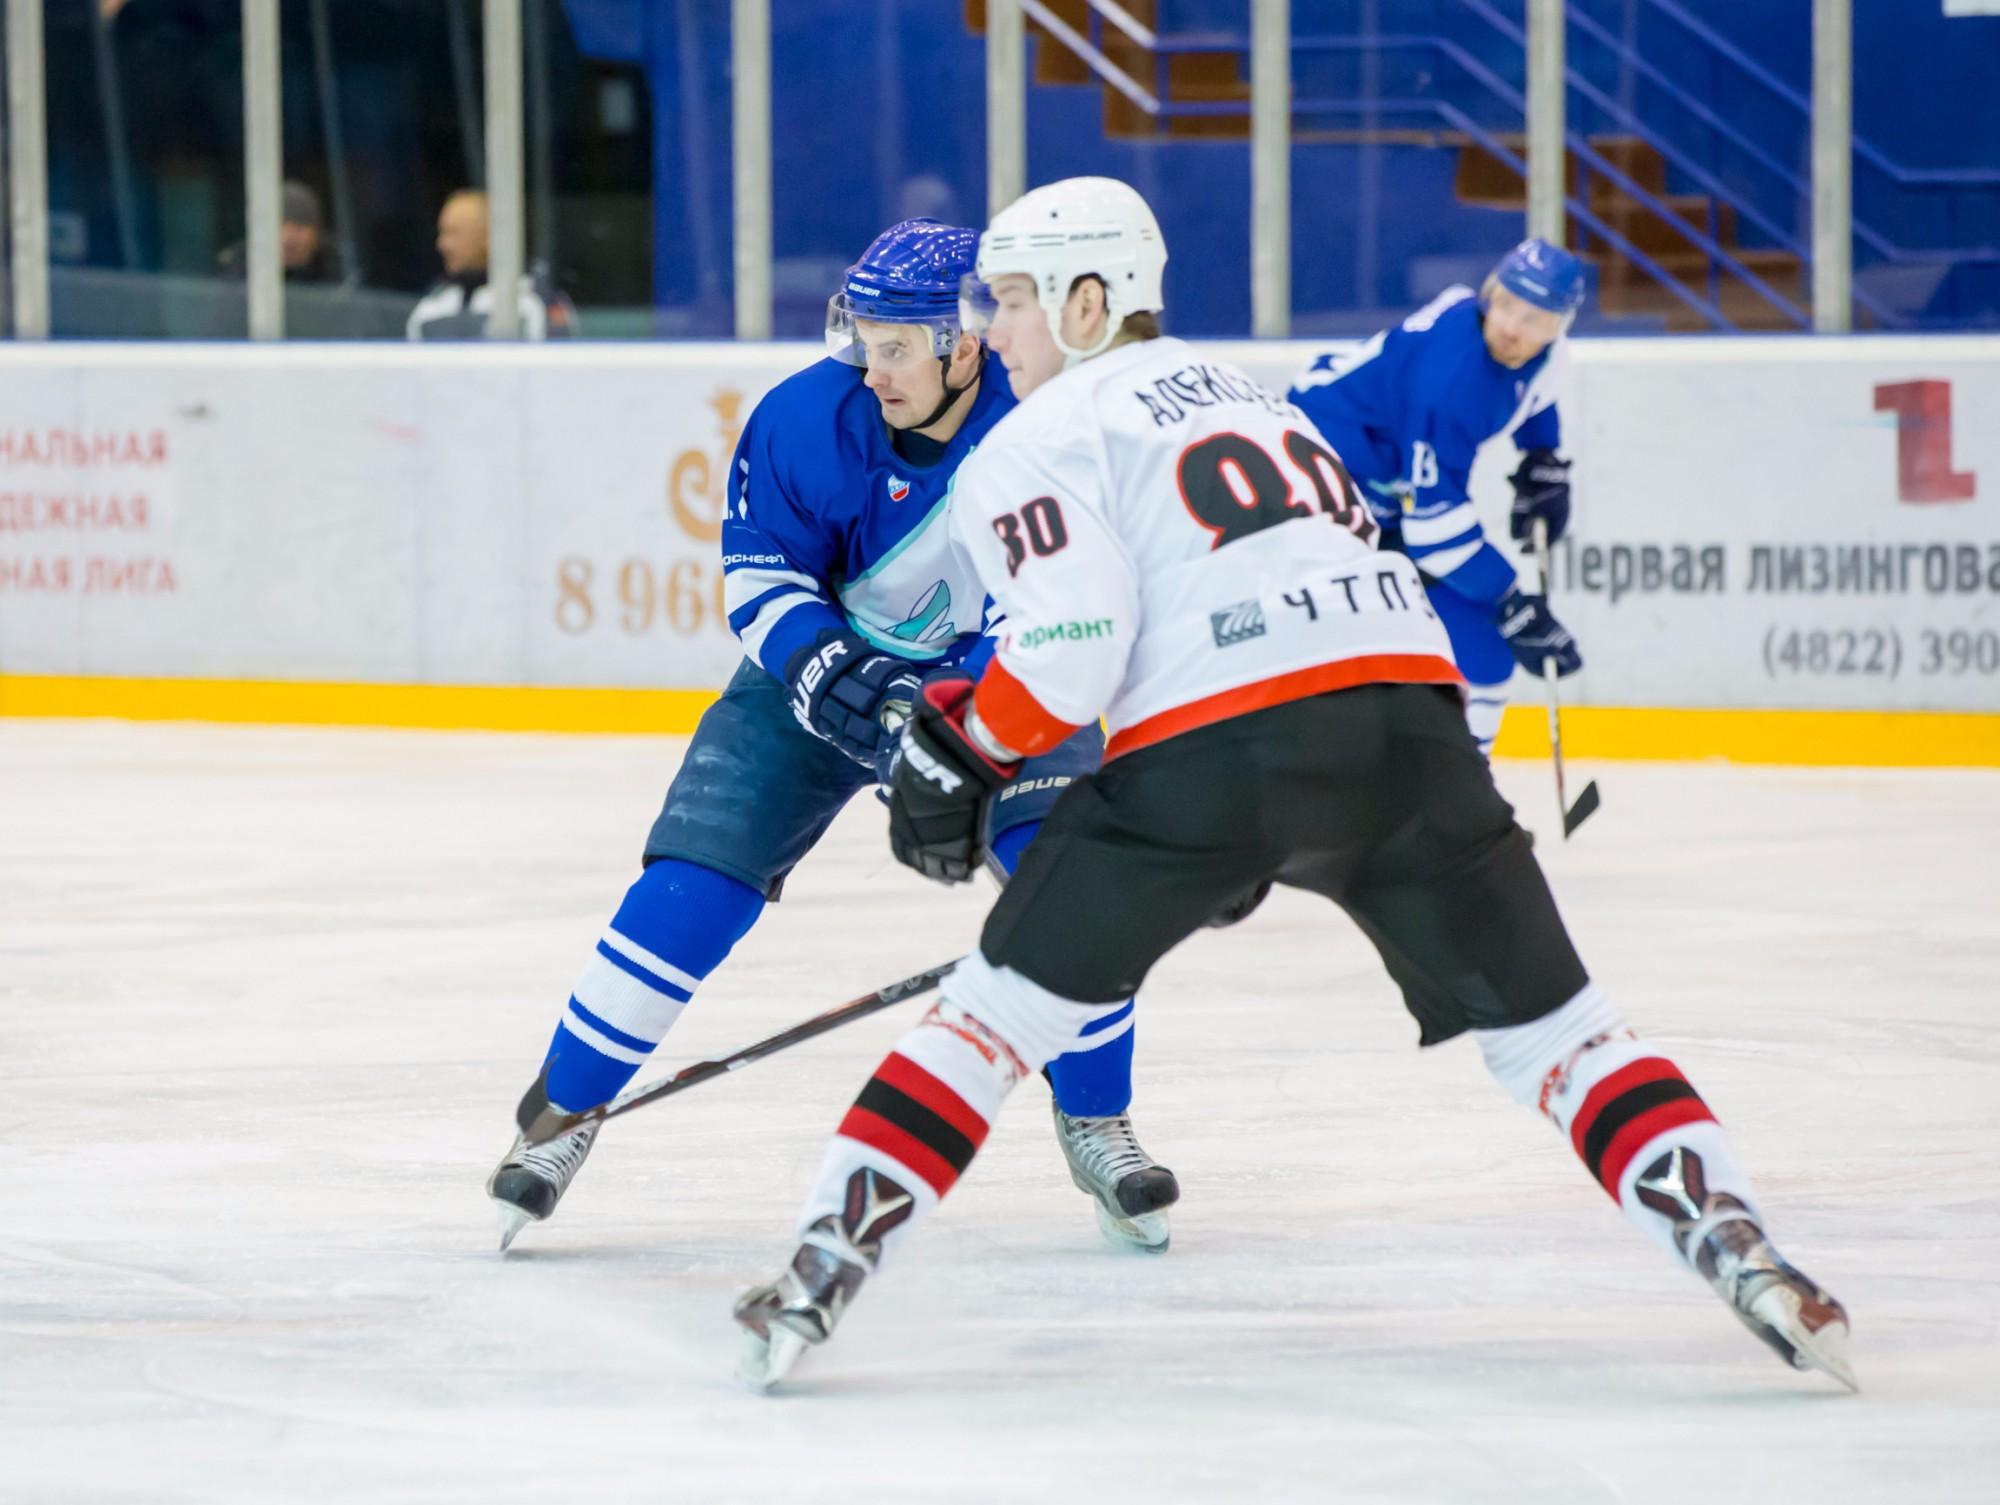 нормально поставленного фото леднева вадима хоккеиста тверь уверены